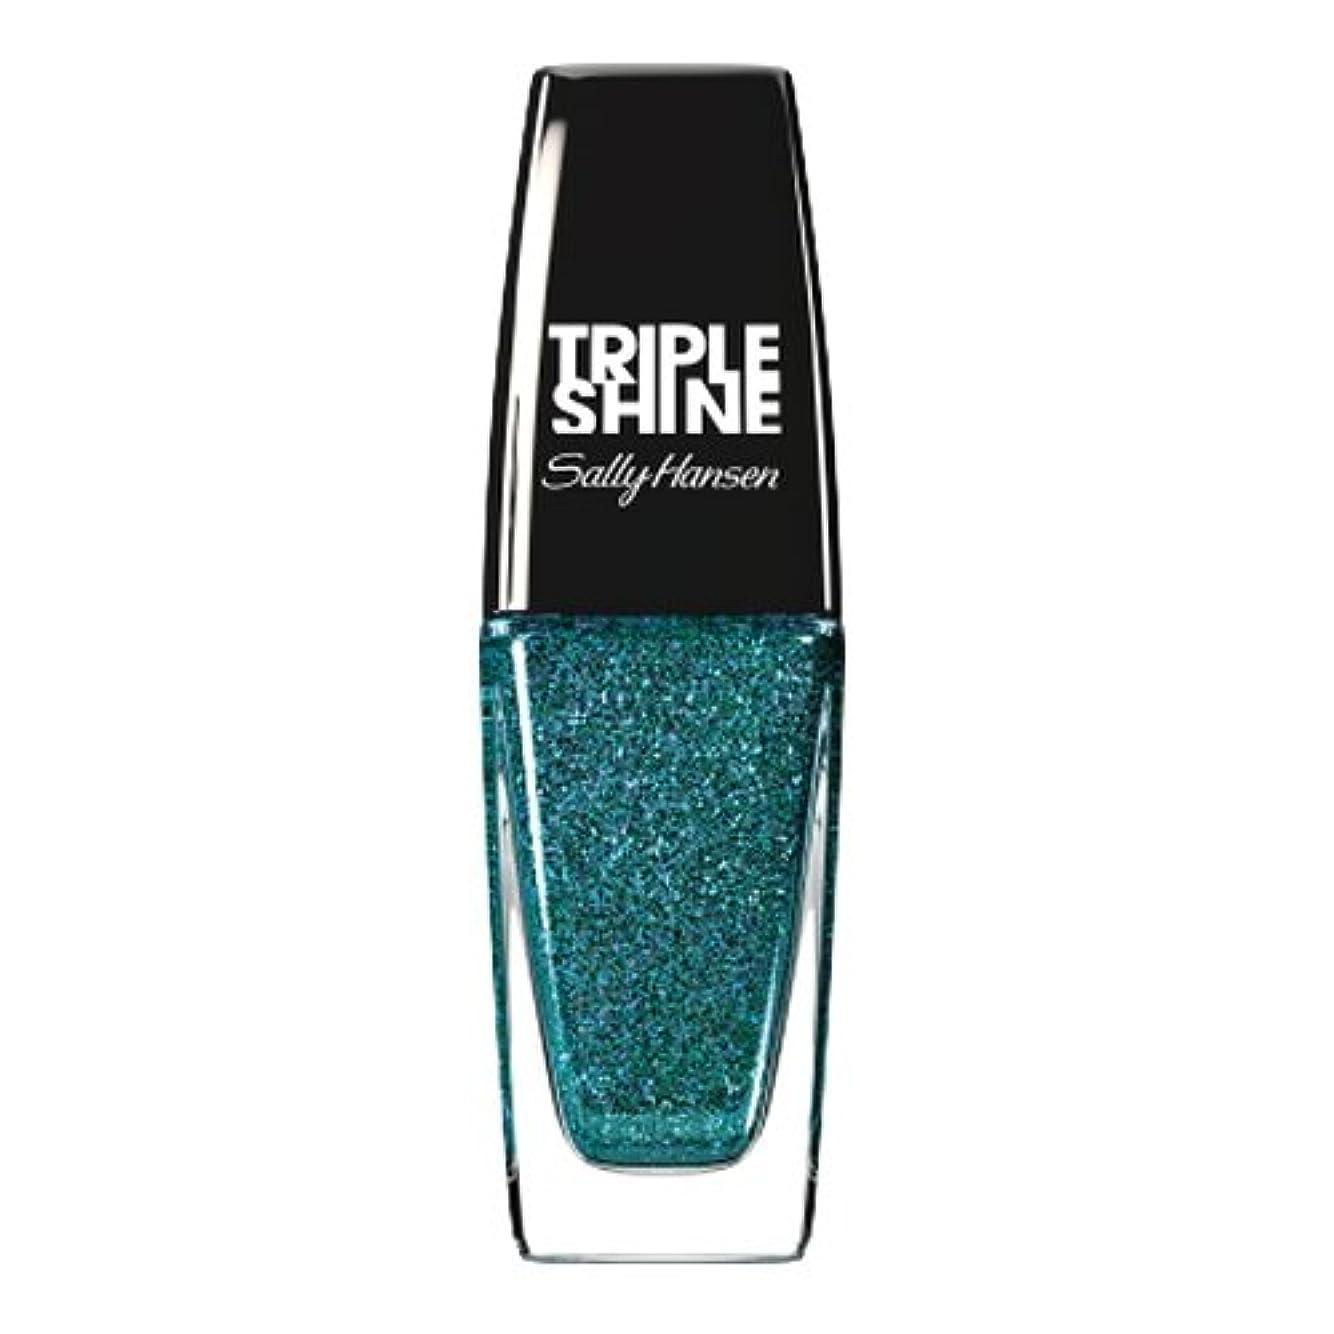 巨人せせらぎジュラシックパークSALLY HANSEN Triple Shine Nail Polish - Sparkling Water (並行輸入品)